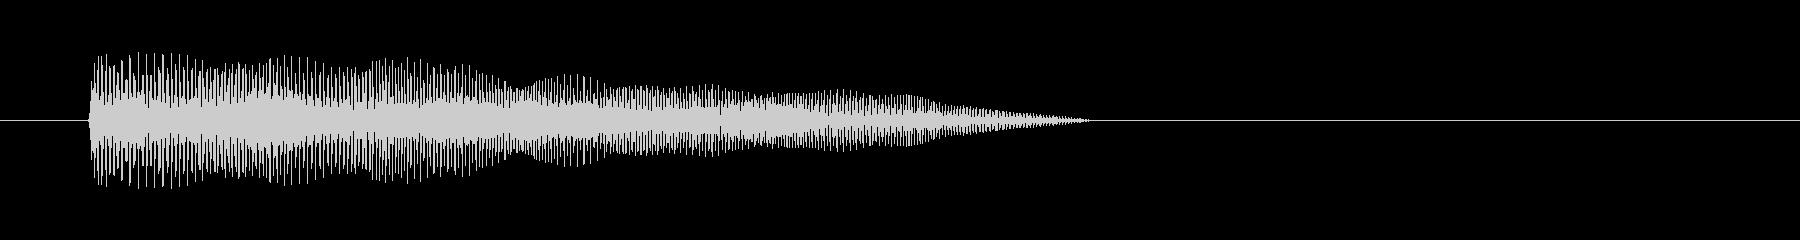 スライドギターコミックスプリング振...の未再生の波形